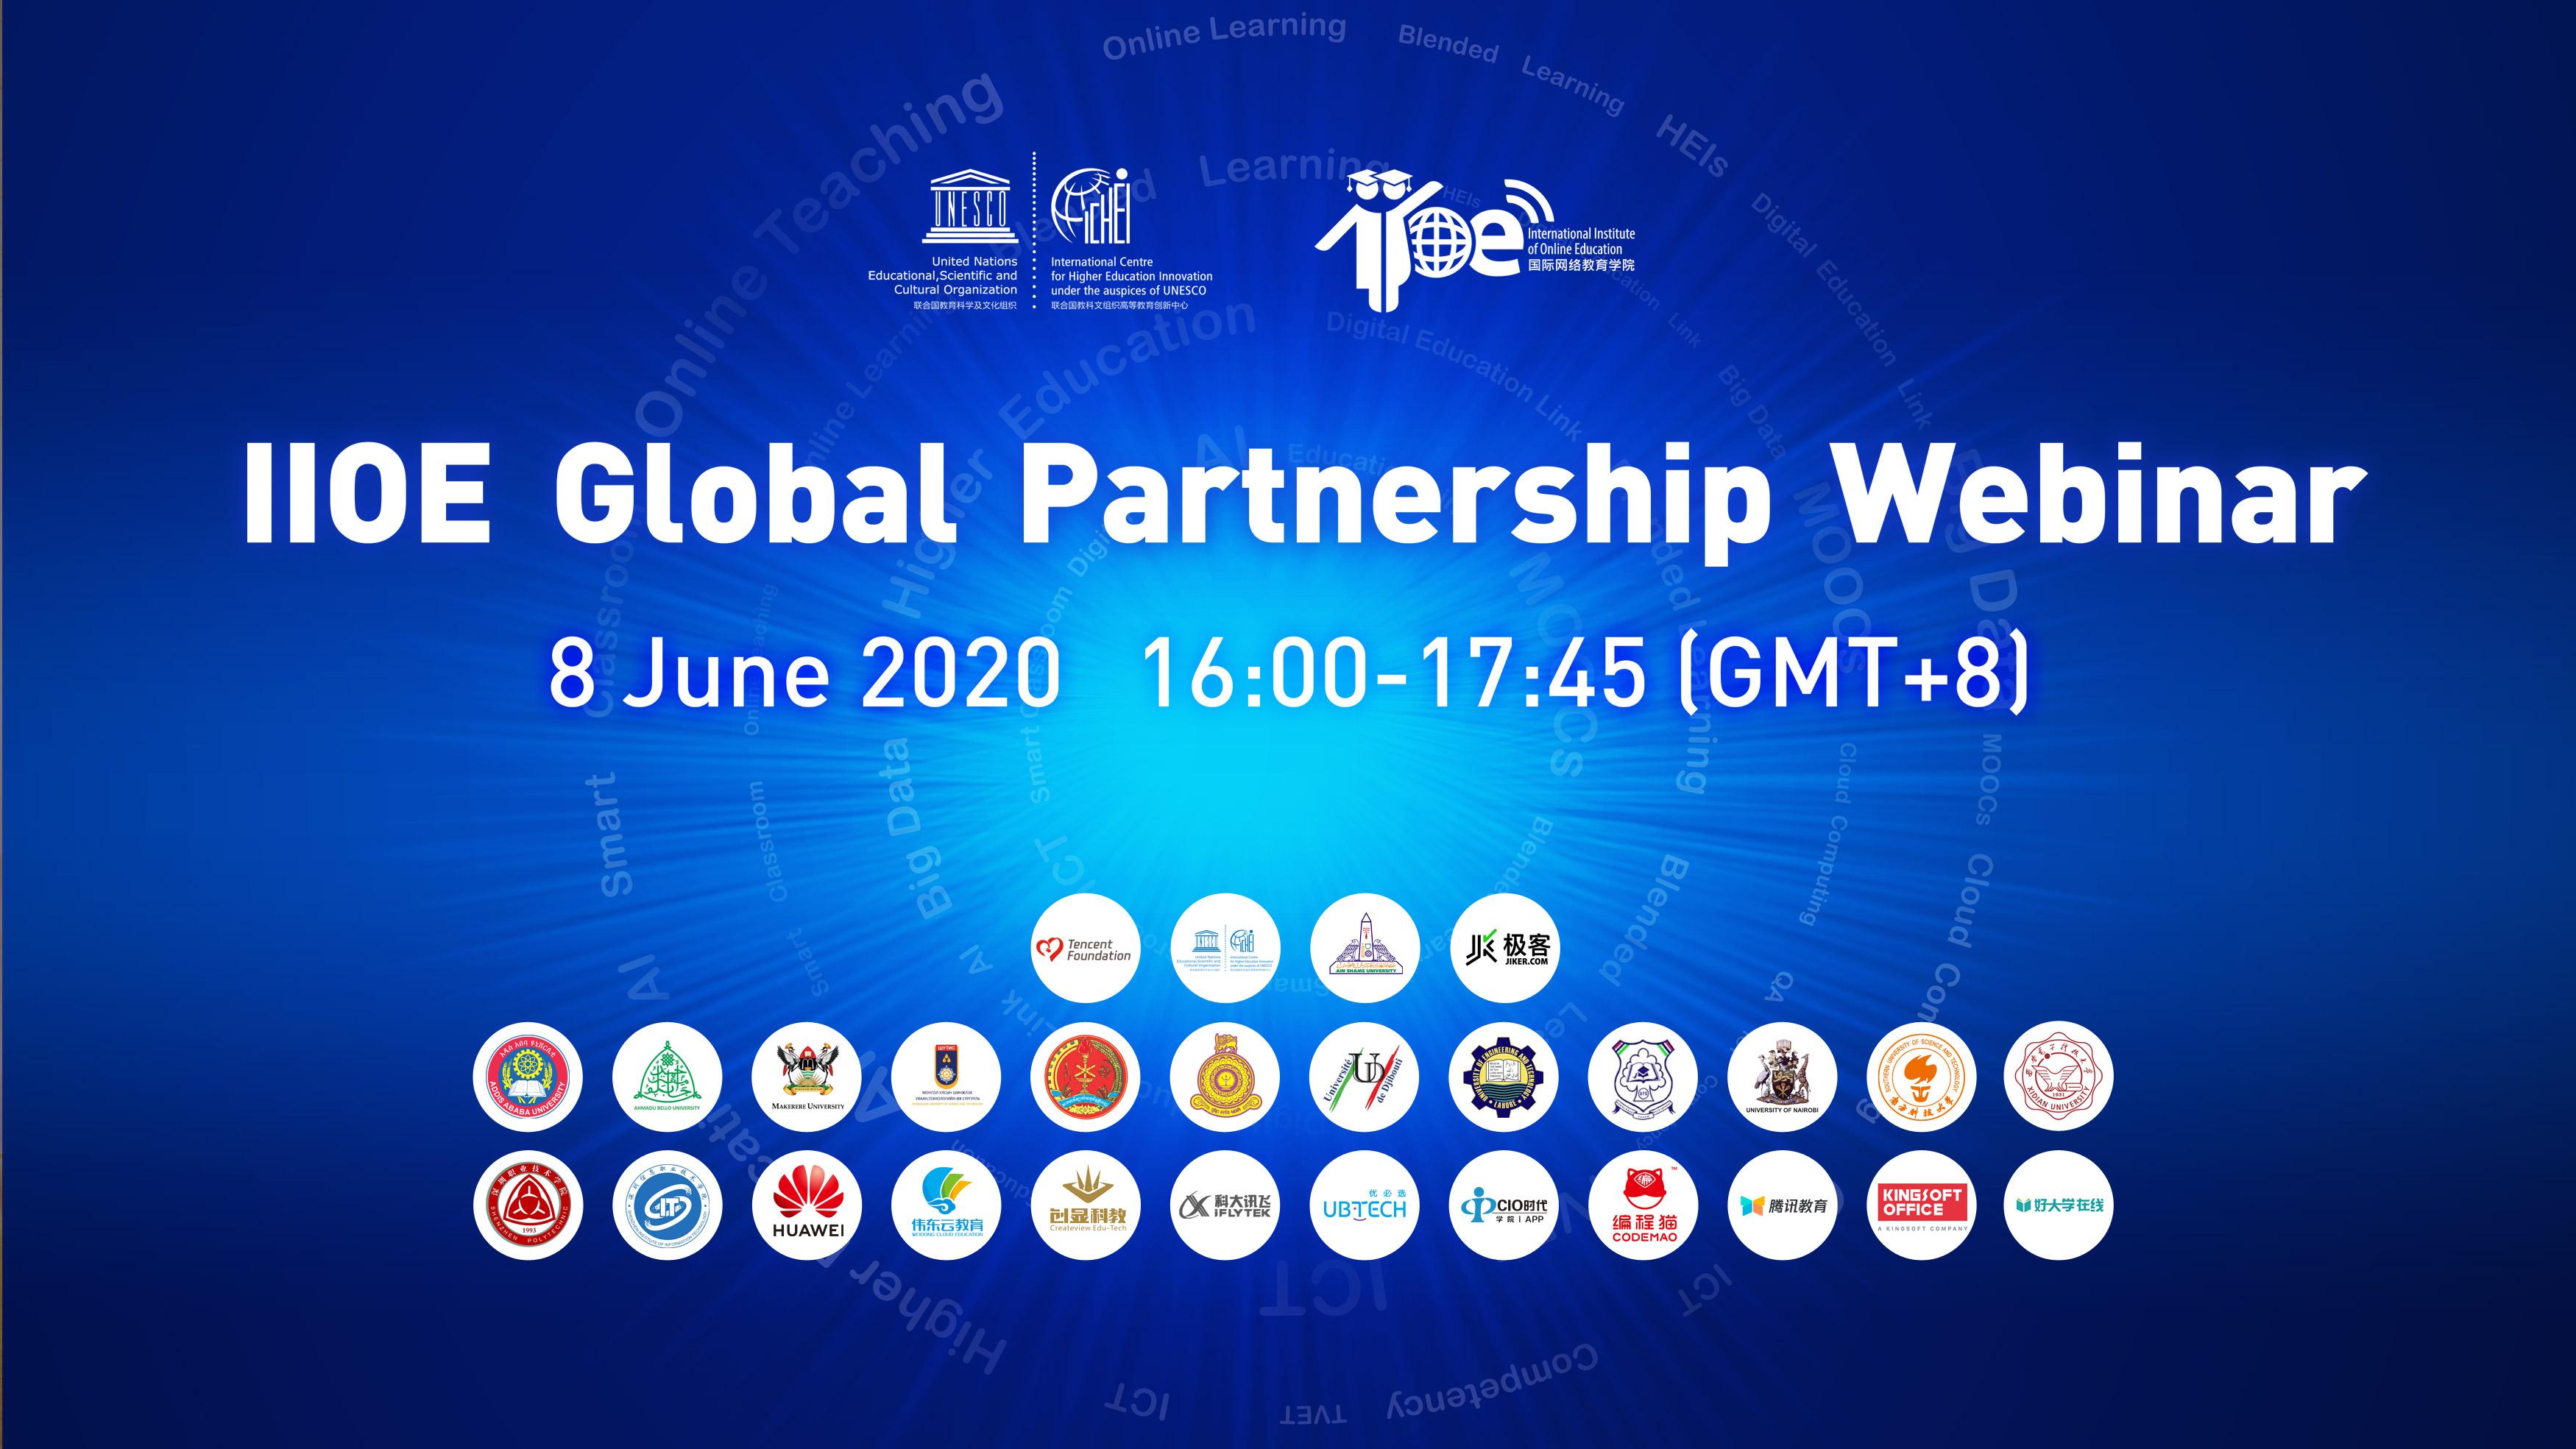 IIOE Global Partnership Webinar successfully held